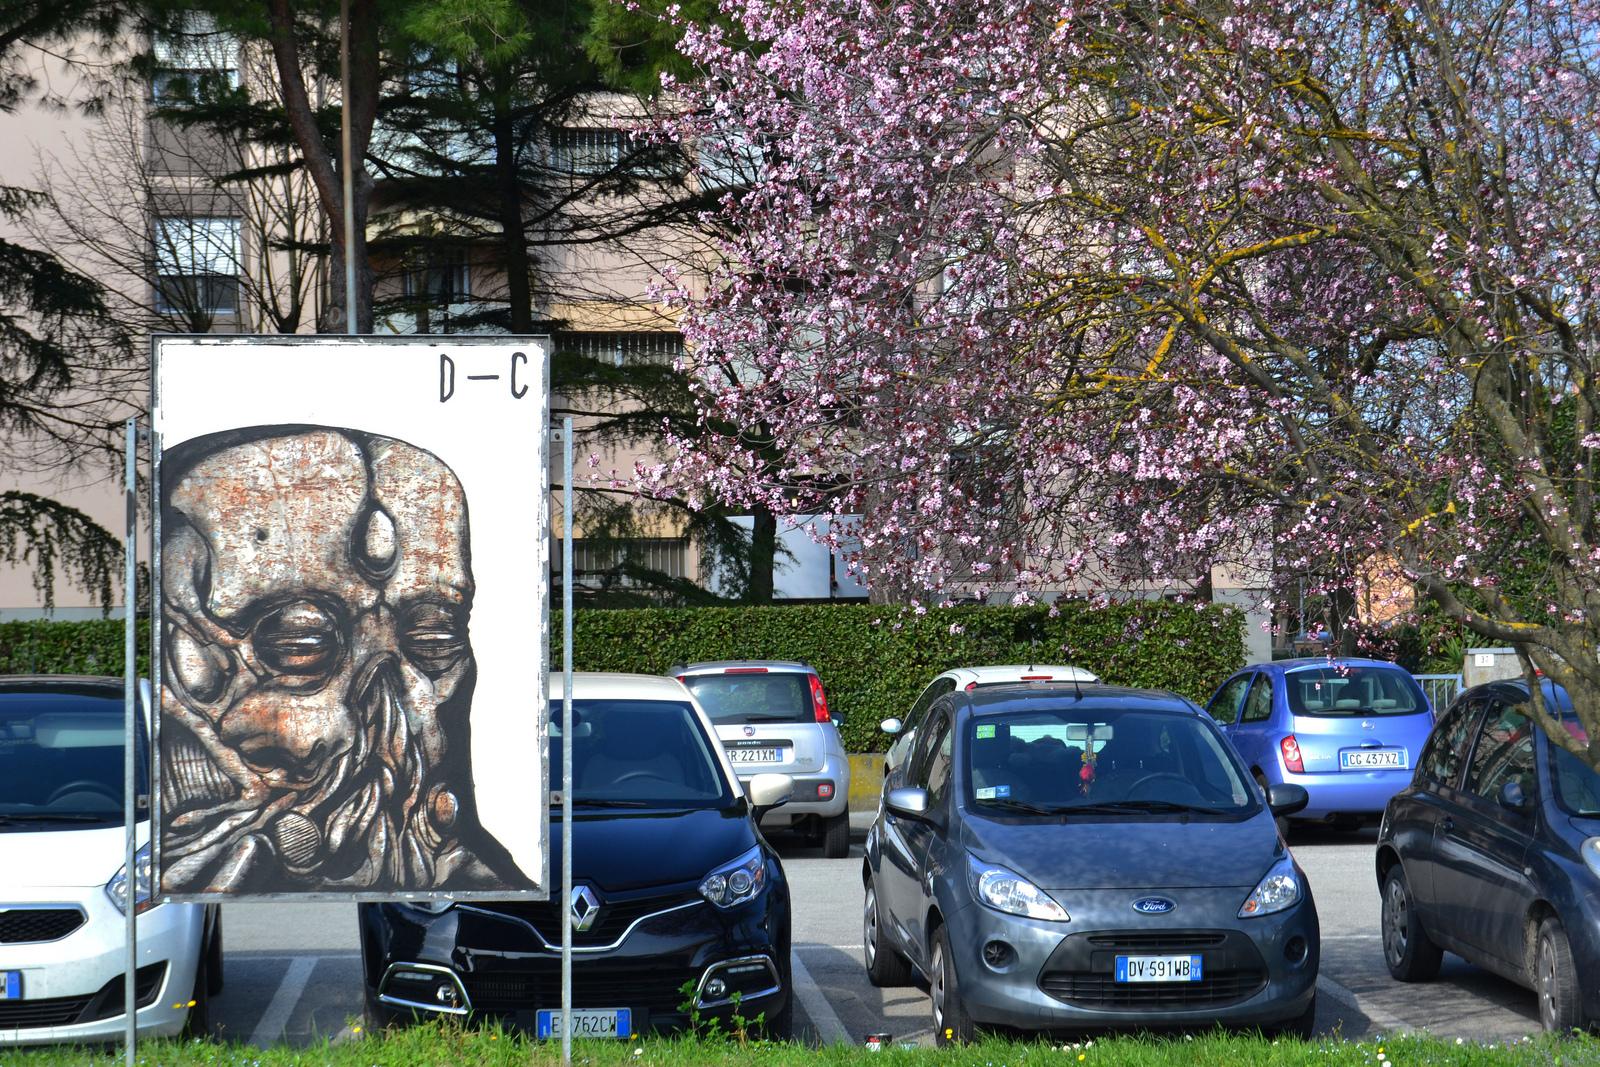 dissensocognitivo-new-mural-near-ravenna-part3-01